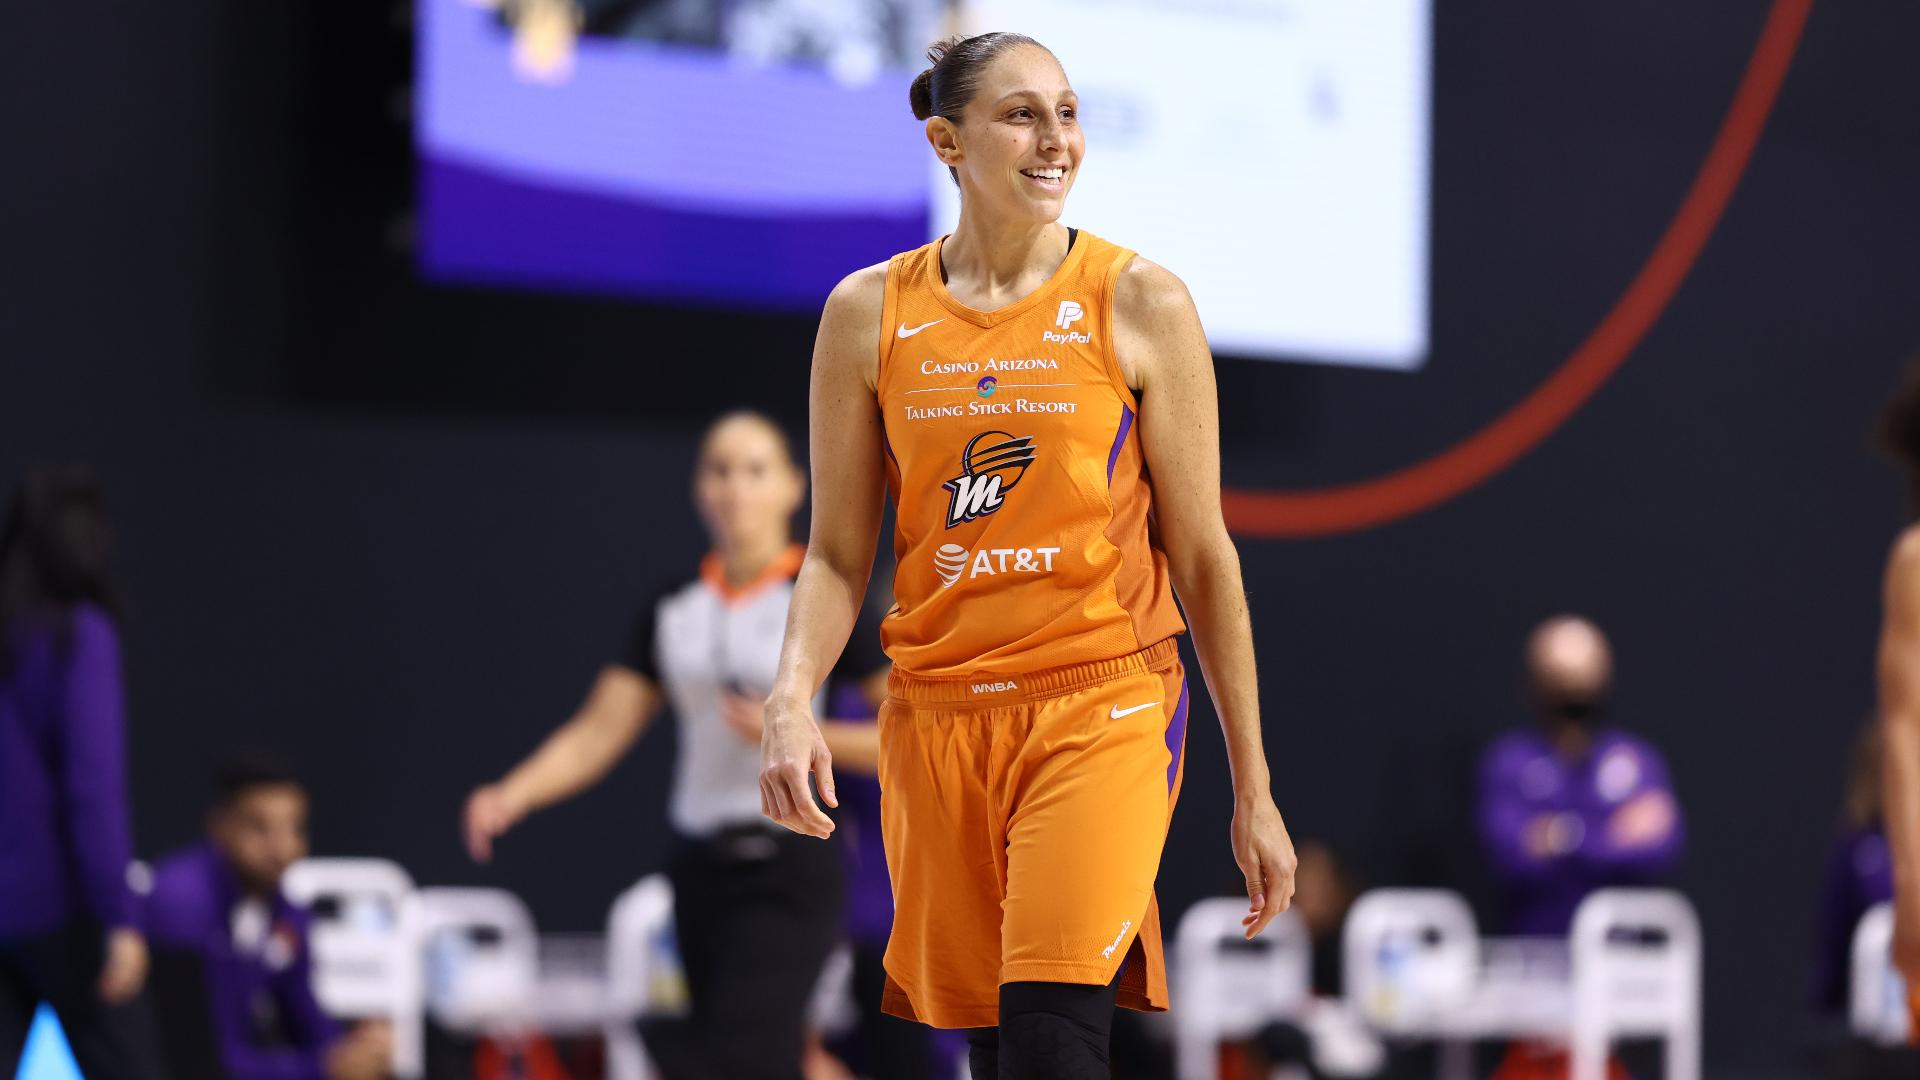 La enorme temporada de Diana Taurasi, más vigente que nunca, y otras cuatro cosas para ver rumbo a los Playoffs de la WNBA   NBA.com España   El sitio oficial de la